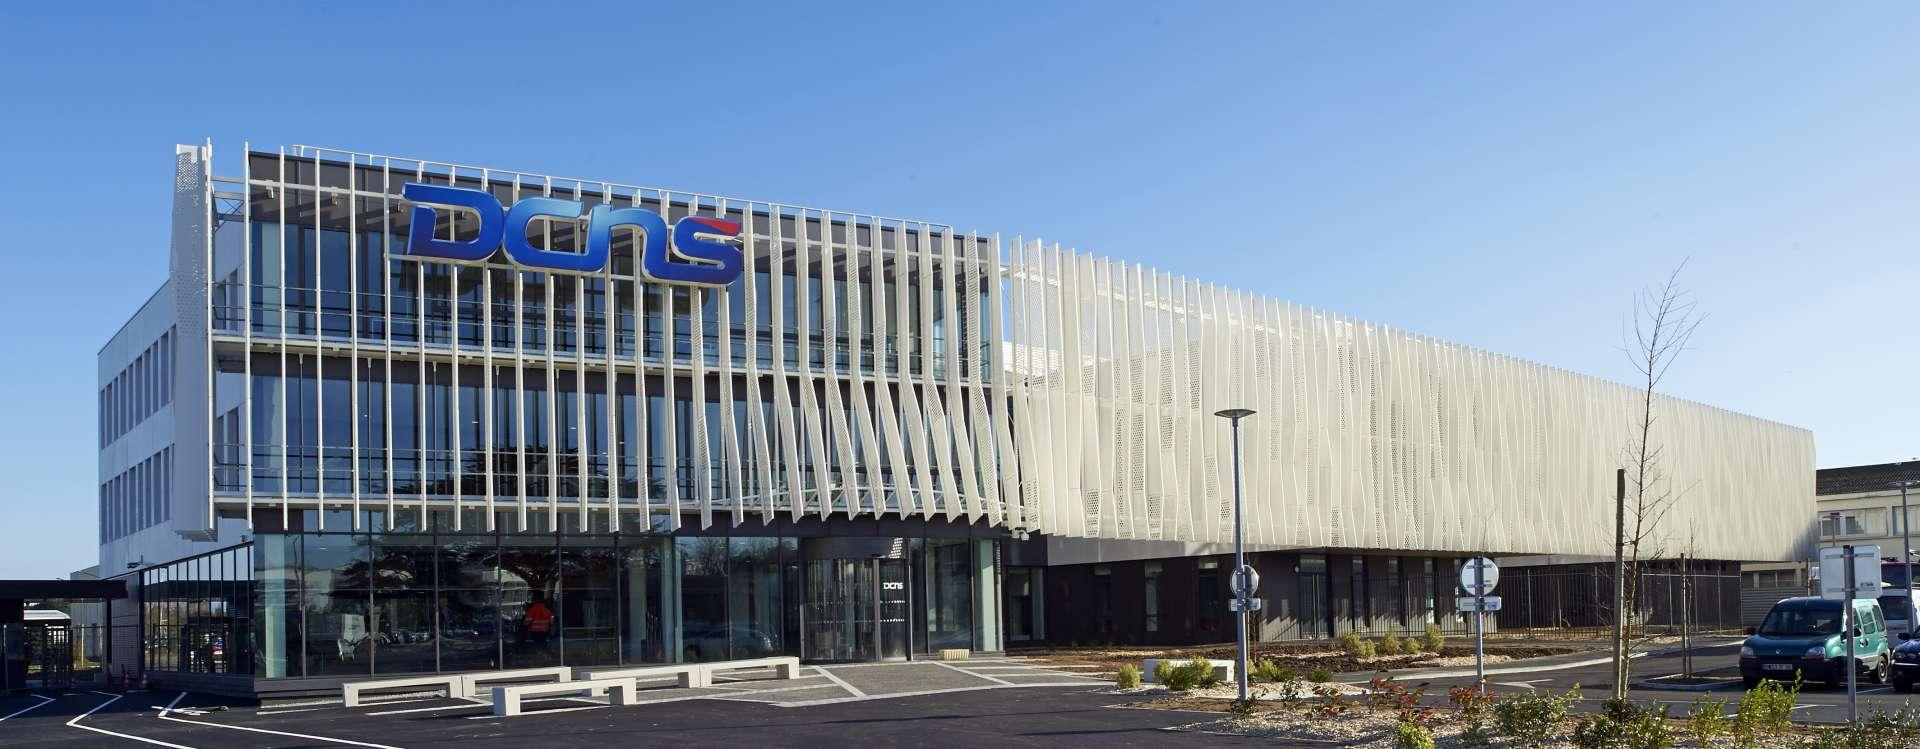 Choiseul à Lorient, un bâtiment industriel pour la Défense Nationale